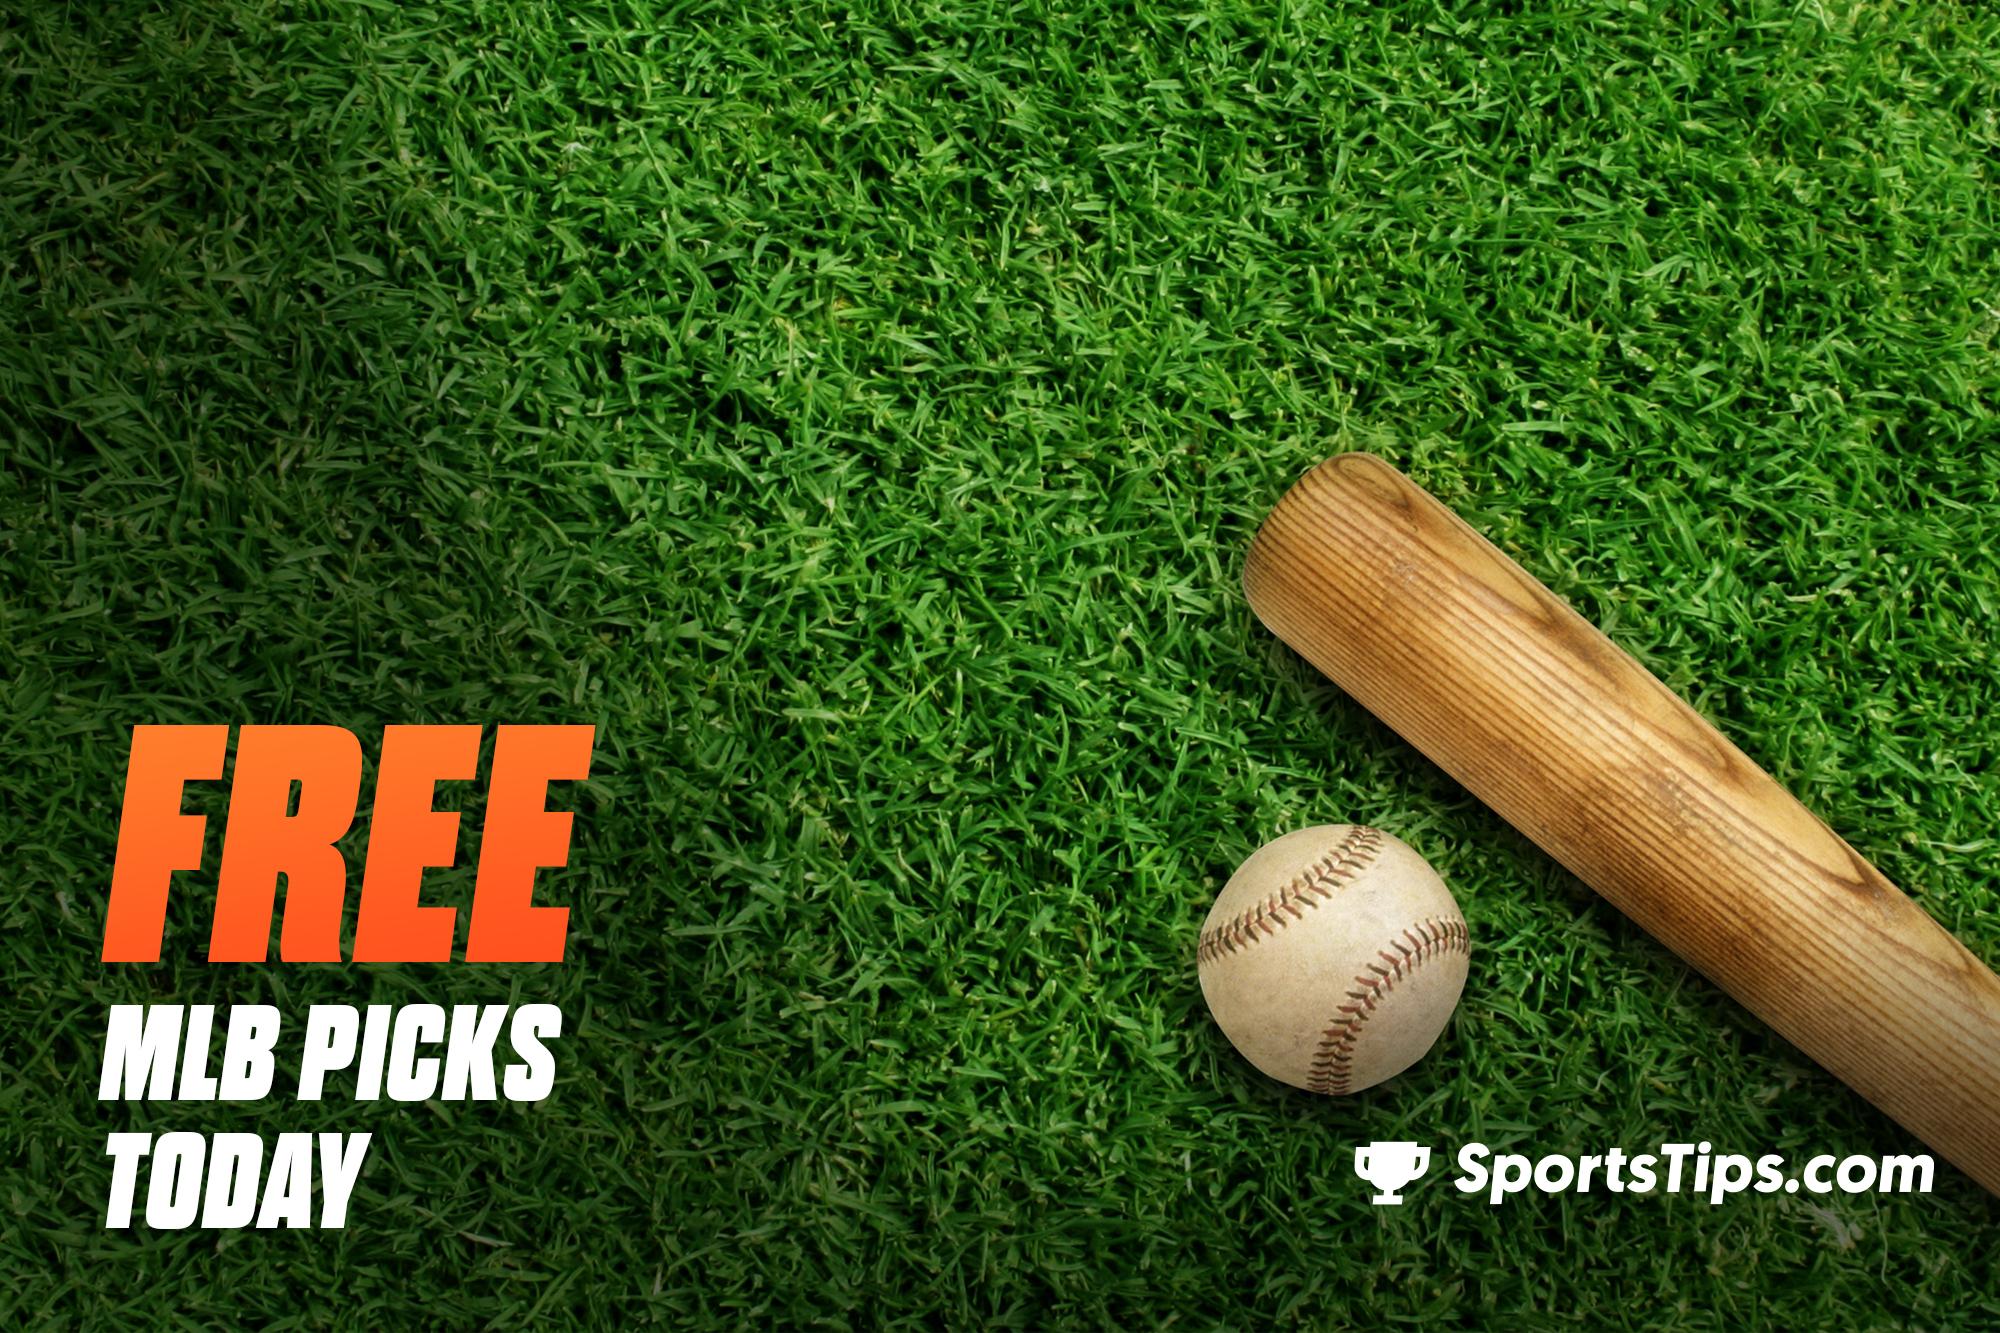 Free MLB Picks Today for Thursday, April 8th, 2021